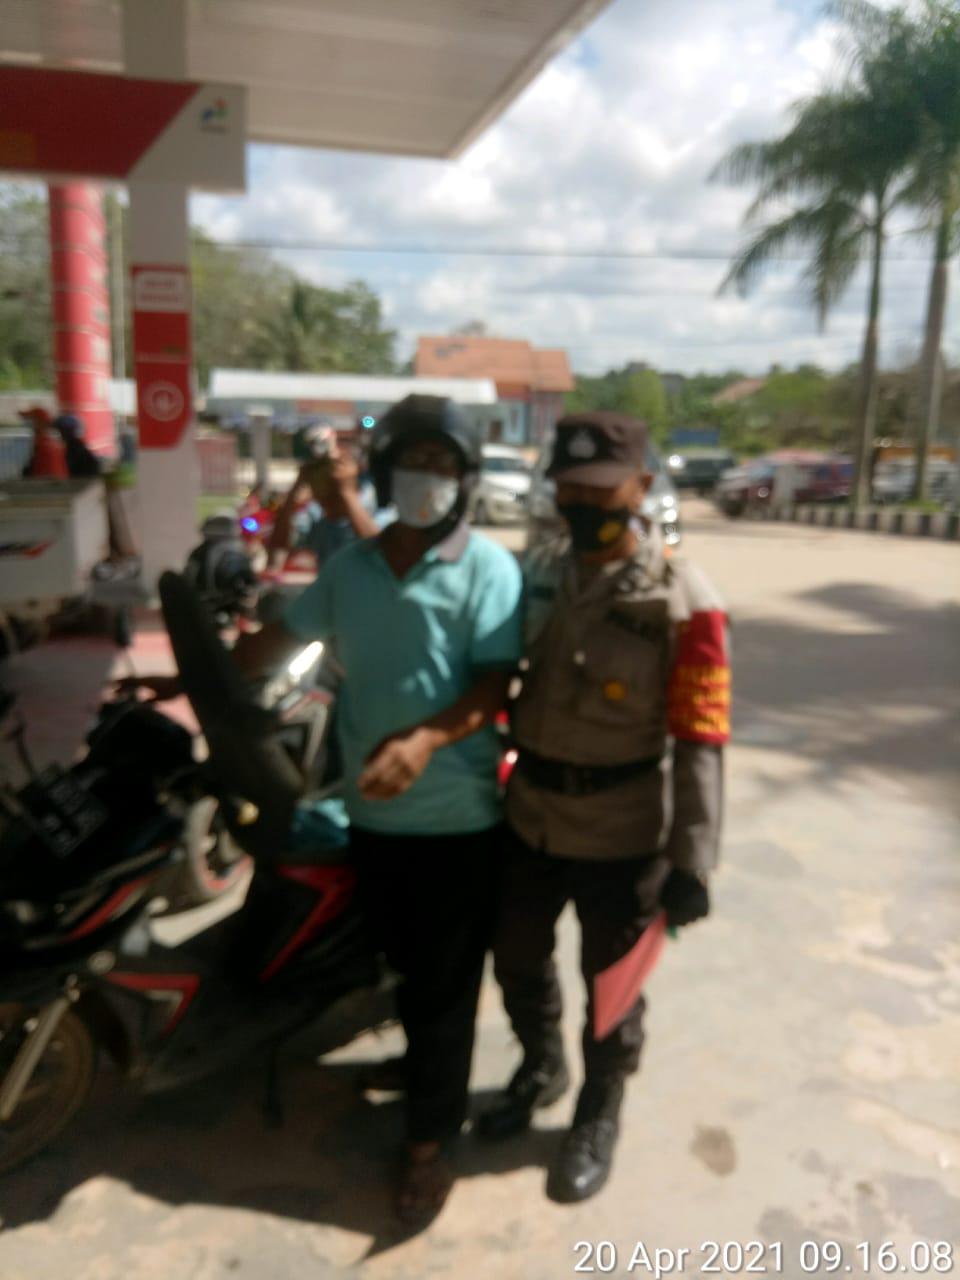 Justisi siang di ruas jalan dan pasar Karang Mulya, TNI-POLRI dan Trantib Kecamatan tindak tegas